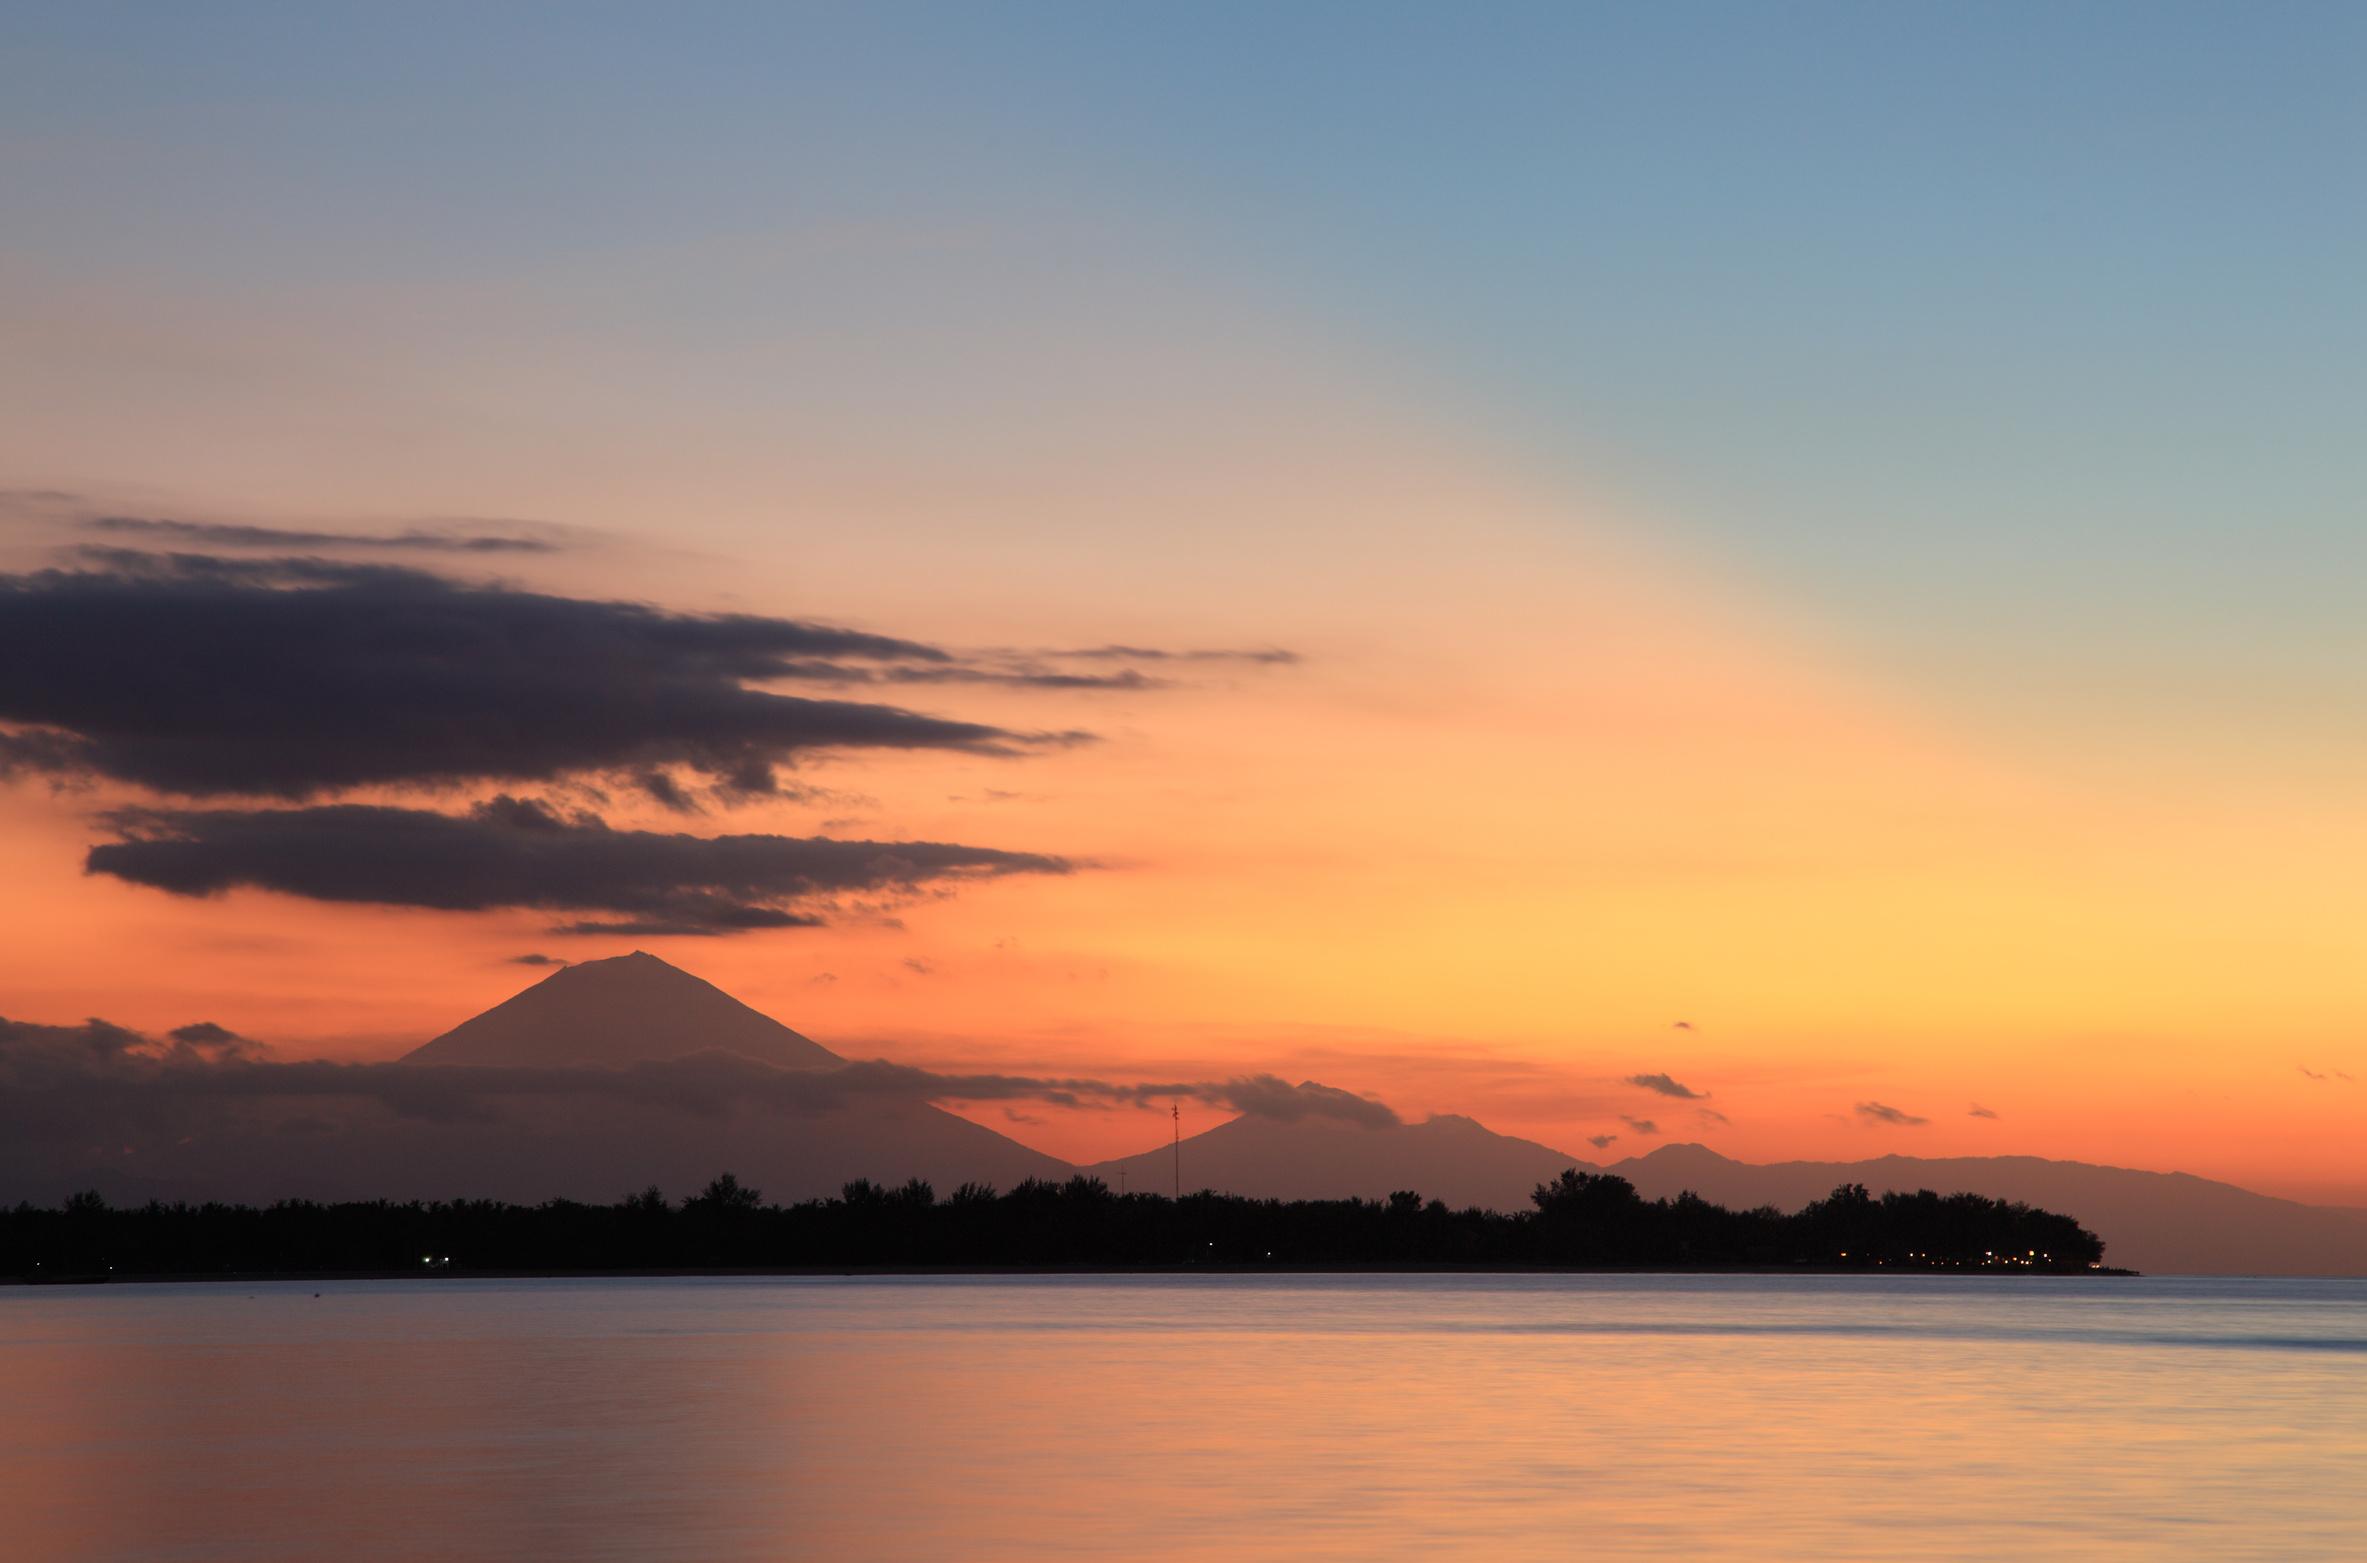 Sunset behind Bali, Gili Air